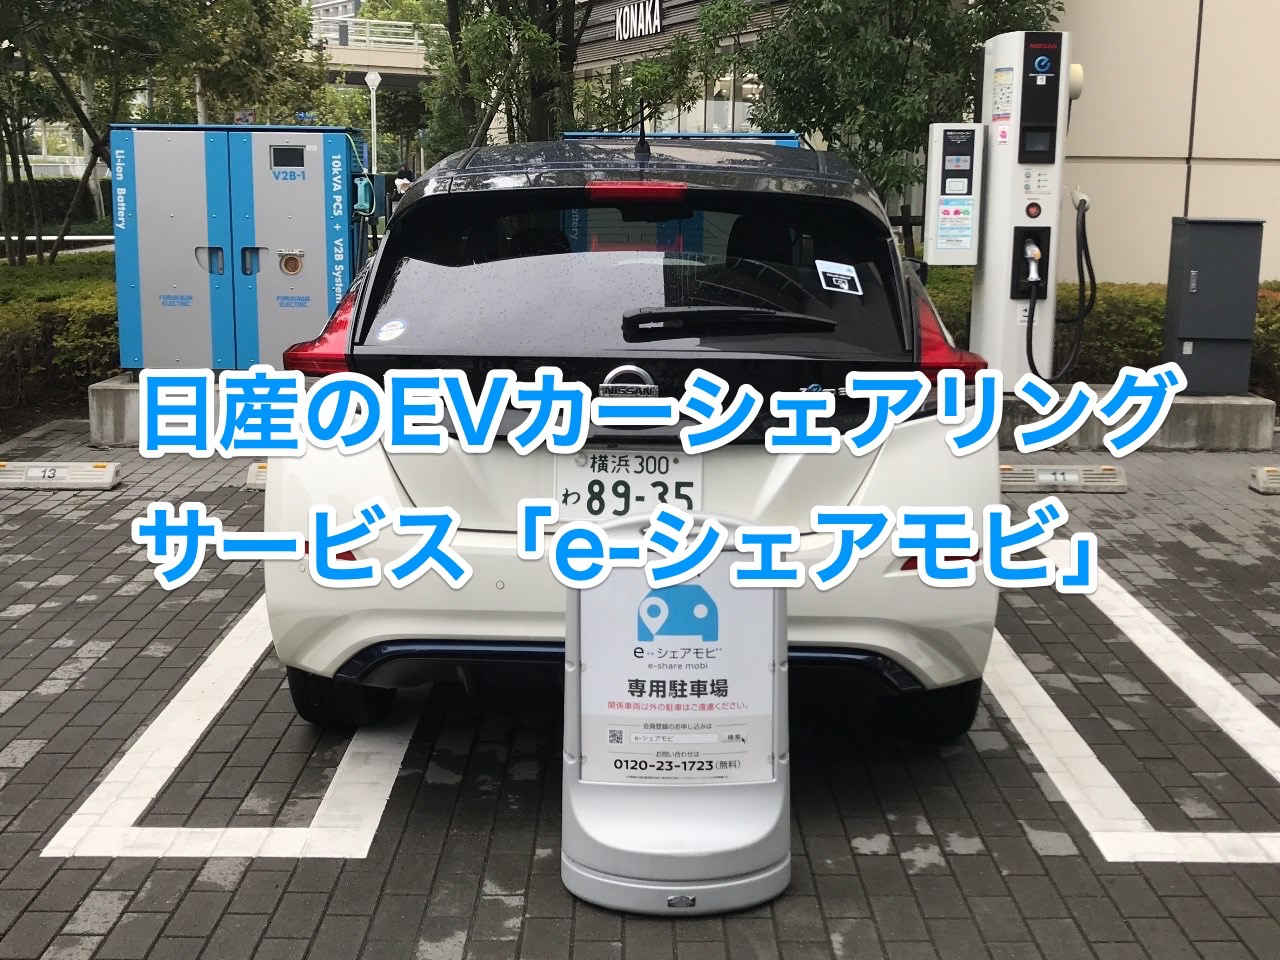 日産のEVカーシェアサービス「e-シェアモビ」